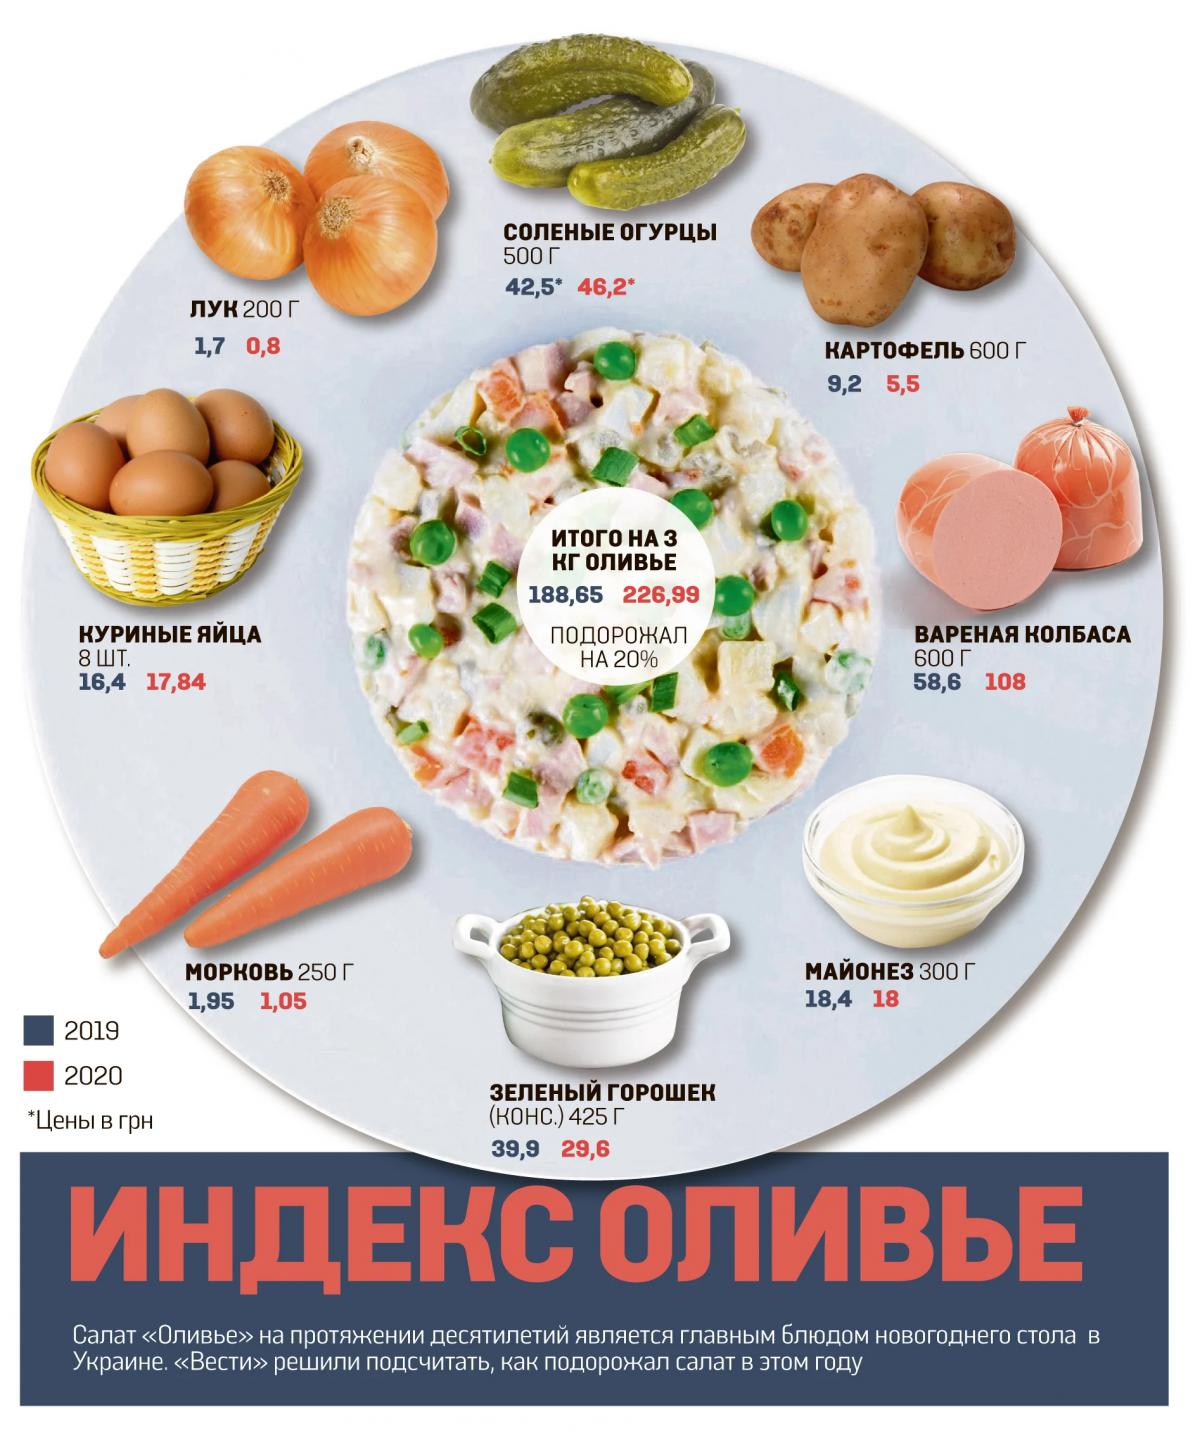 фото Vesti.ua